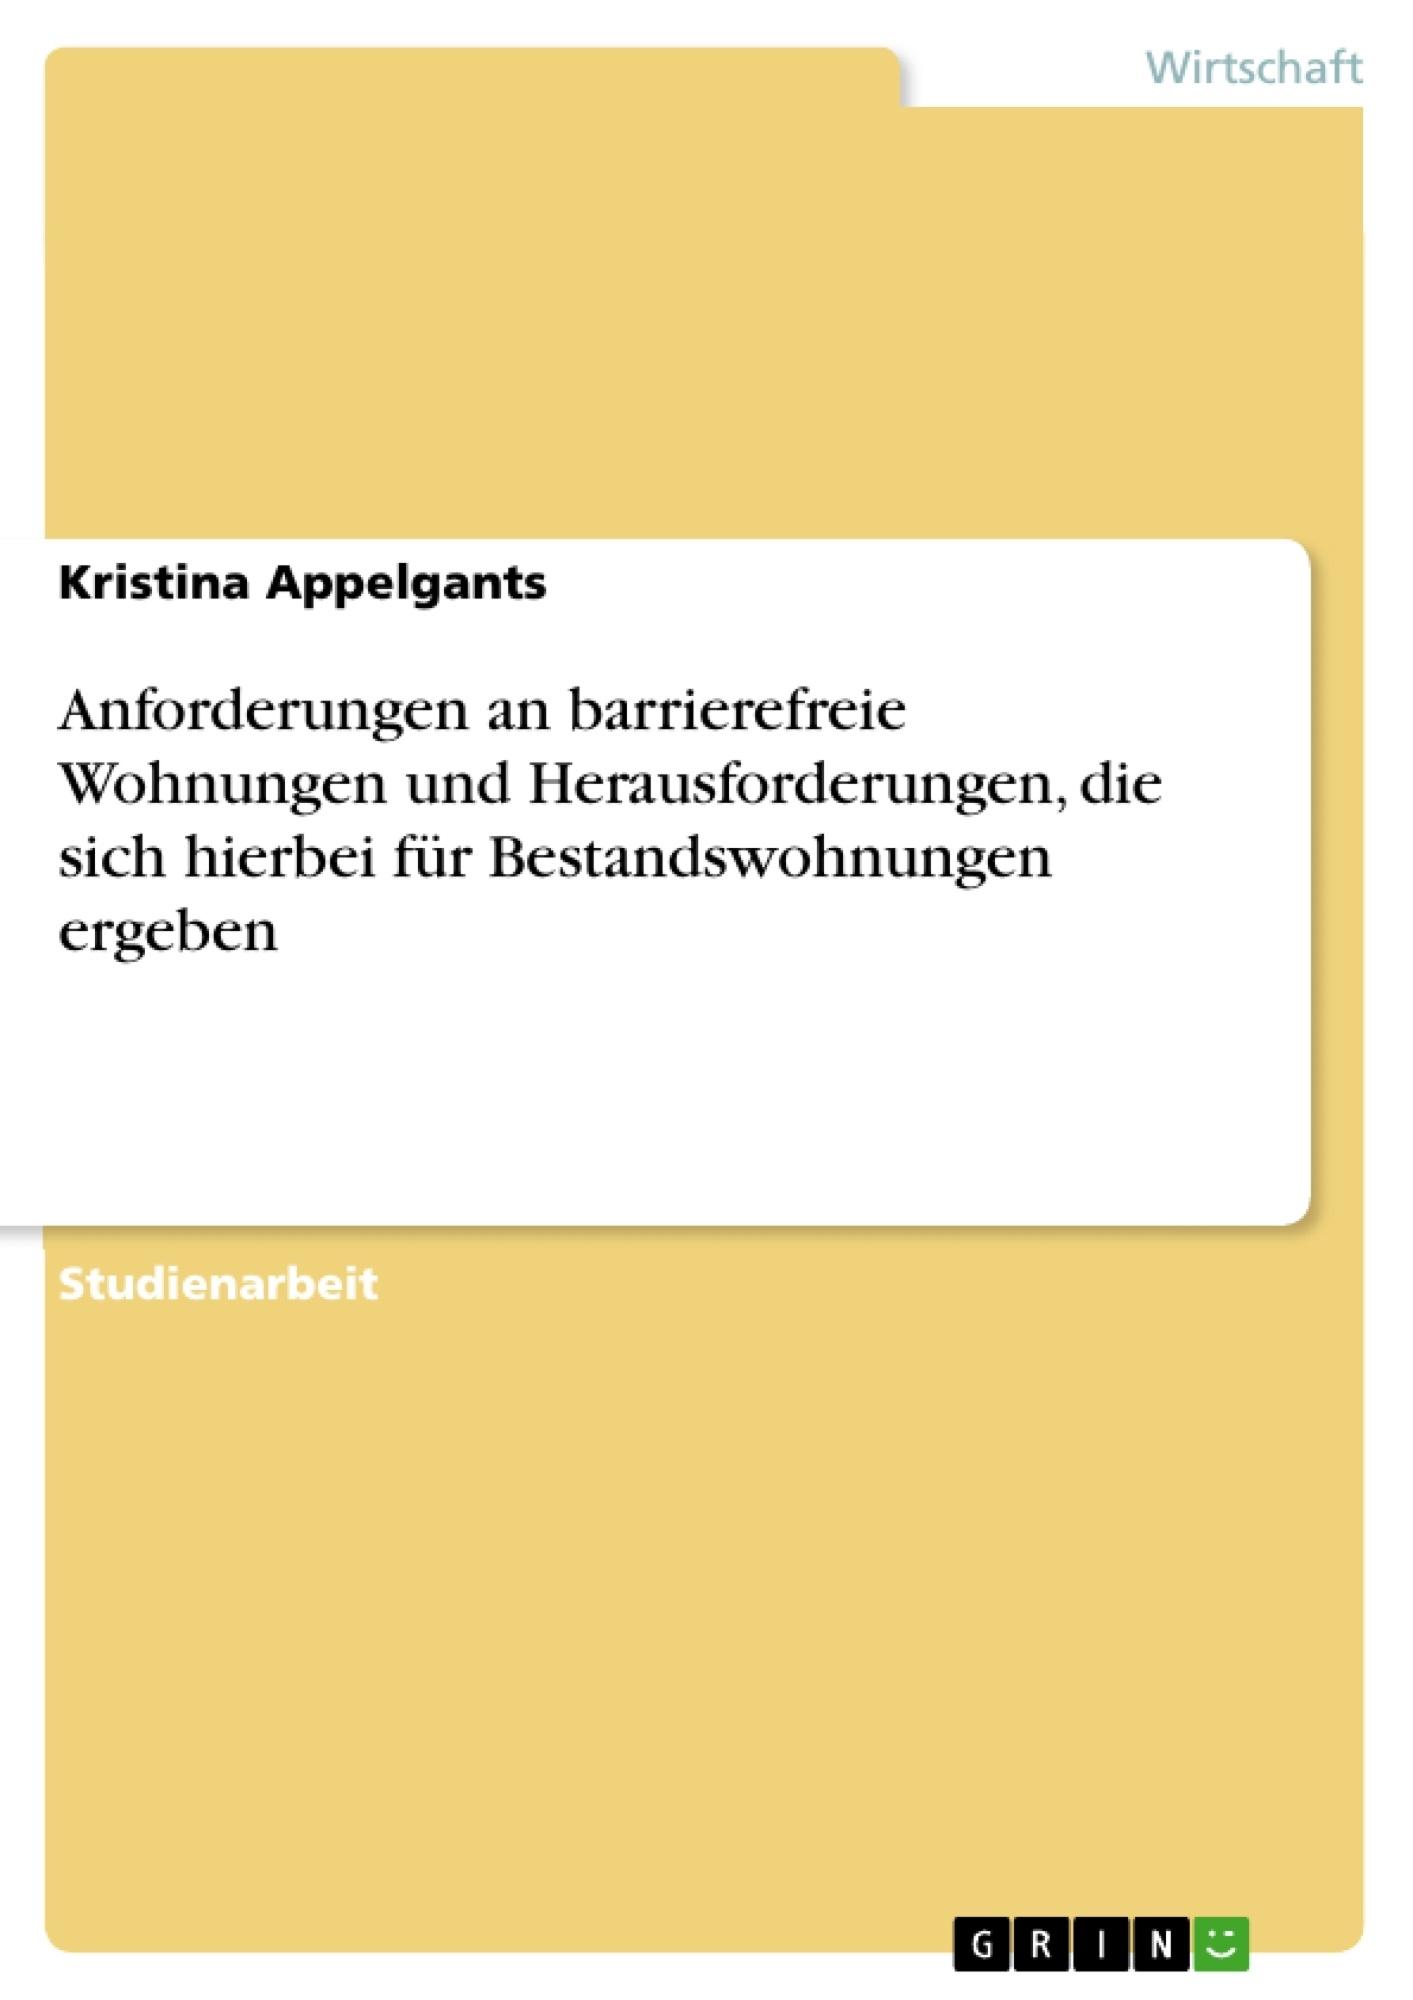 Titel: Anforderungen an barrierefreie Wohnungen und Herausforderungen, die sich hierbei für Bestandswohnungen ergeben